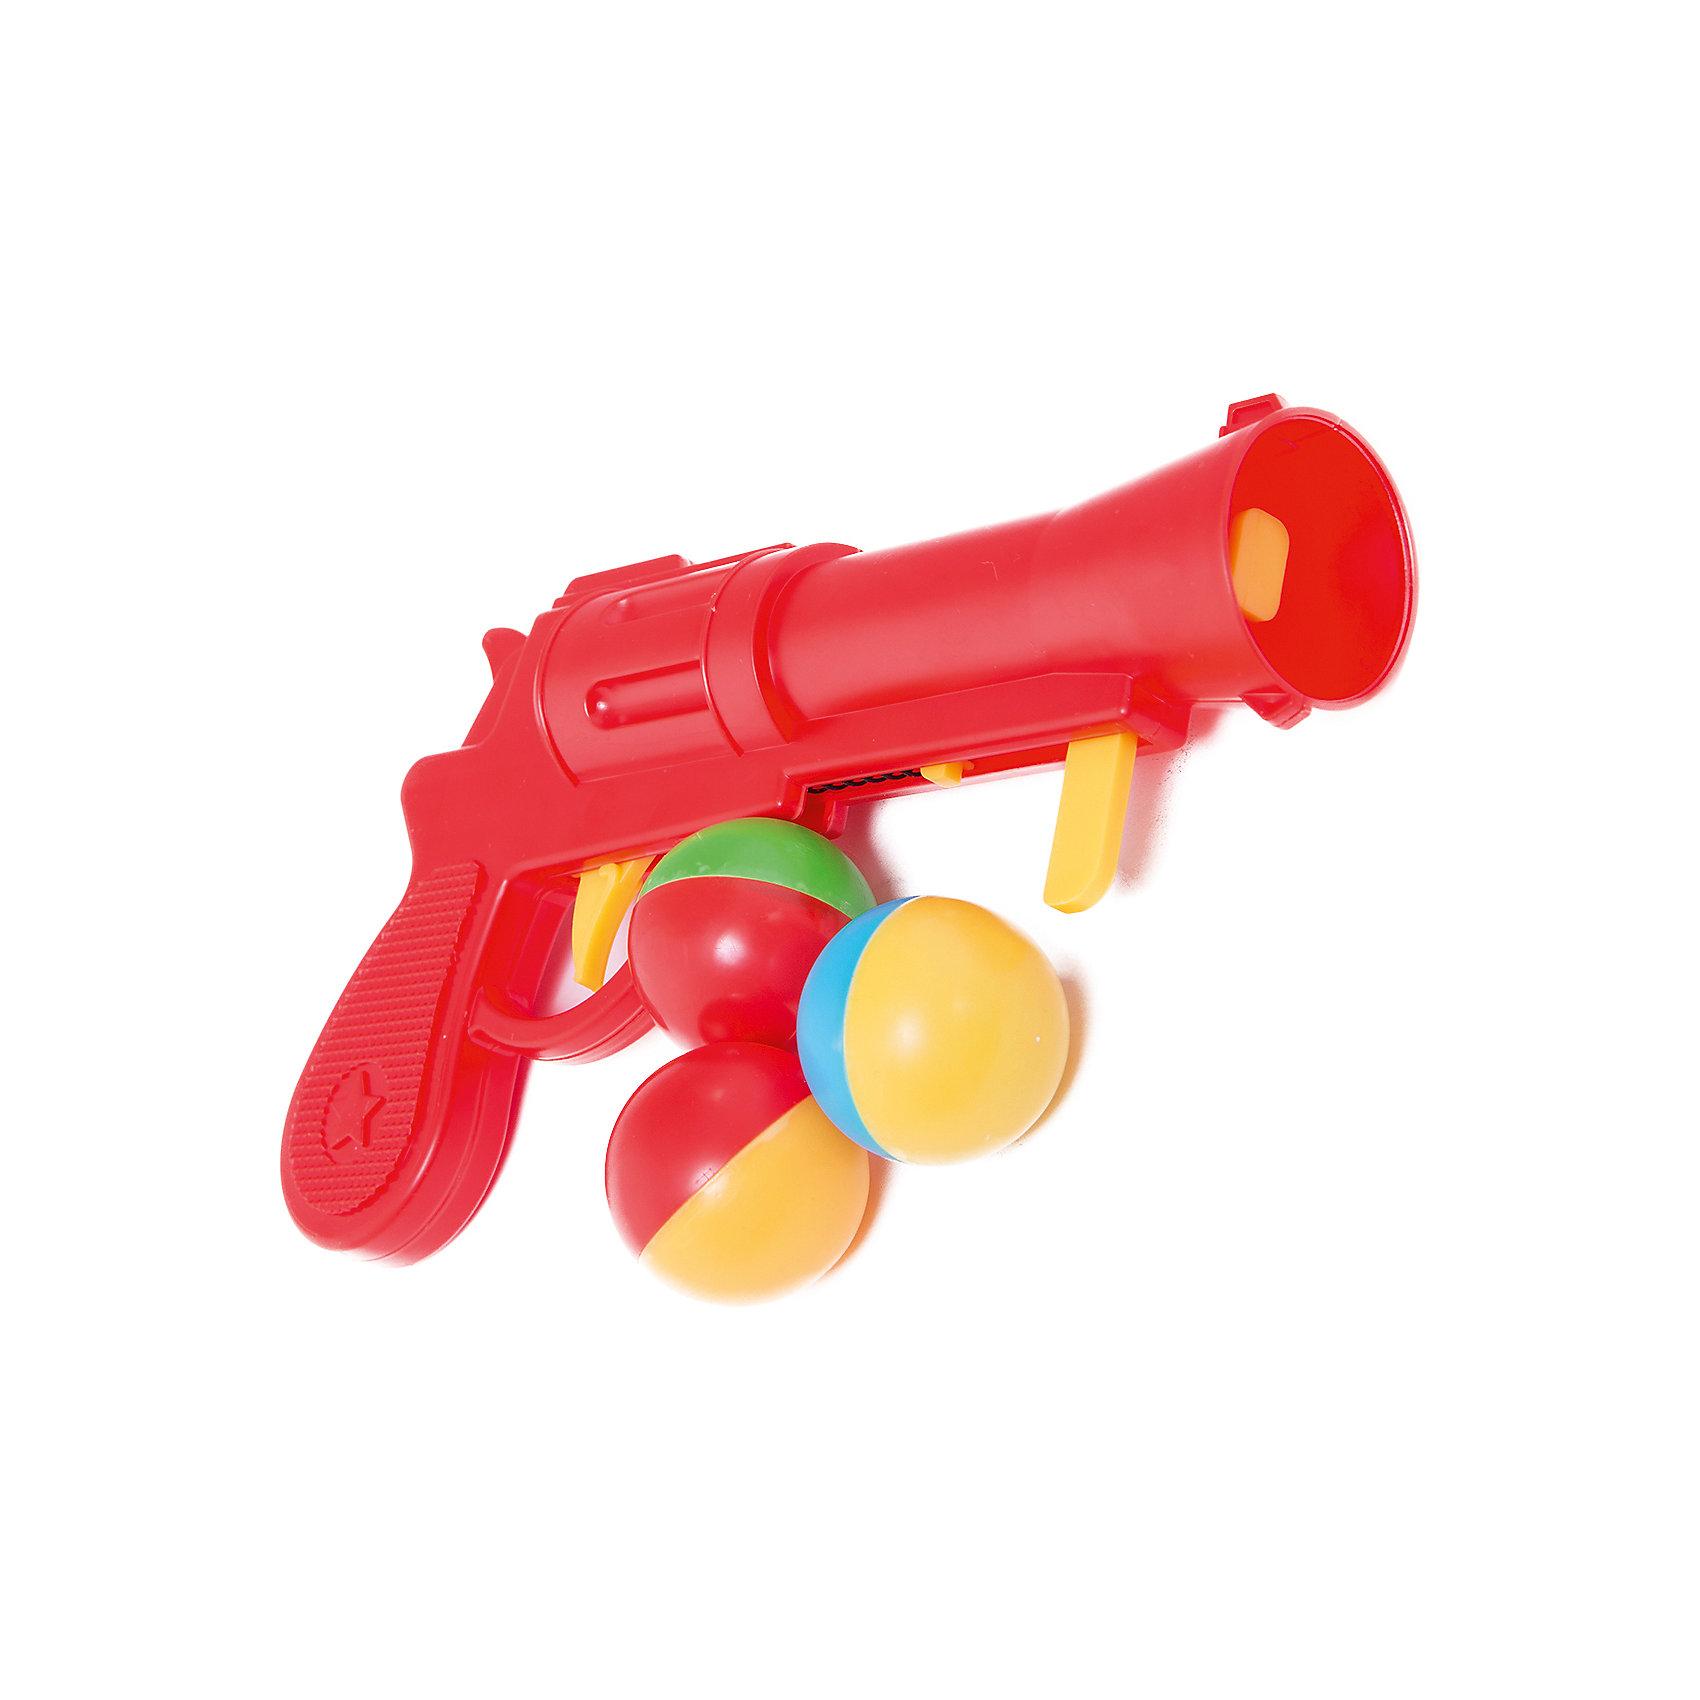 Пистолет пластмассовый с шариками, СтелларПистолет пластмассовый с шариками, Стеллар (Stellar).<br><br>Детский игрушечный пистолет стреляет на небольшое расстояние крупными яркими шариками, так что их легко можно будет найти. Чтобы выстрелить, нужно взвести пружину и зарядить пистолет шариком. Шарики большого диаметра, поэтому менее травматичны, но все-таки, необходимо соблюдать меры предосторожности во время детских игр!<br><br>Пистолет Стеллар станет прекрасным подарком юному герою!<br><br>Дополнительная информация:<br><br>- В комплекте: пистолет, 3 разноцветных шарика <br>- Длина пистолета 22 см.<br>- Диаметр шариков:  4 см.<br>- Материал: пластмасса<br>- Размер упаковки: 310 х 40 х 150 мм<br>- Вес: 85 г.<br><br>Пистолет пластмассовый с шариками, Стеллар (Stellar) можно купить в нашем интернет-магазине.<br><br>Ширина мм: 310<br>Глубина мм: 40<br>Высота мм: 150<br>Вес г: 85<br>Возраст от месяцев: 36<br>Возраст до месяцев: 72<br>Пол: Мужской<br>Возраст: Детский<br>SKU: 3362093